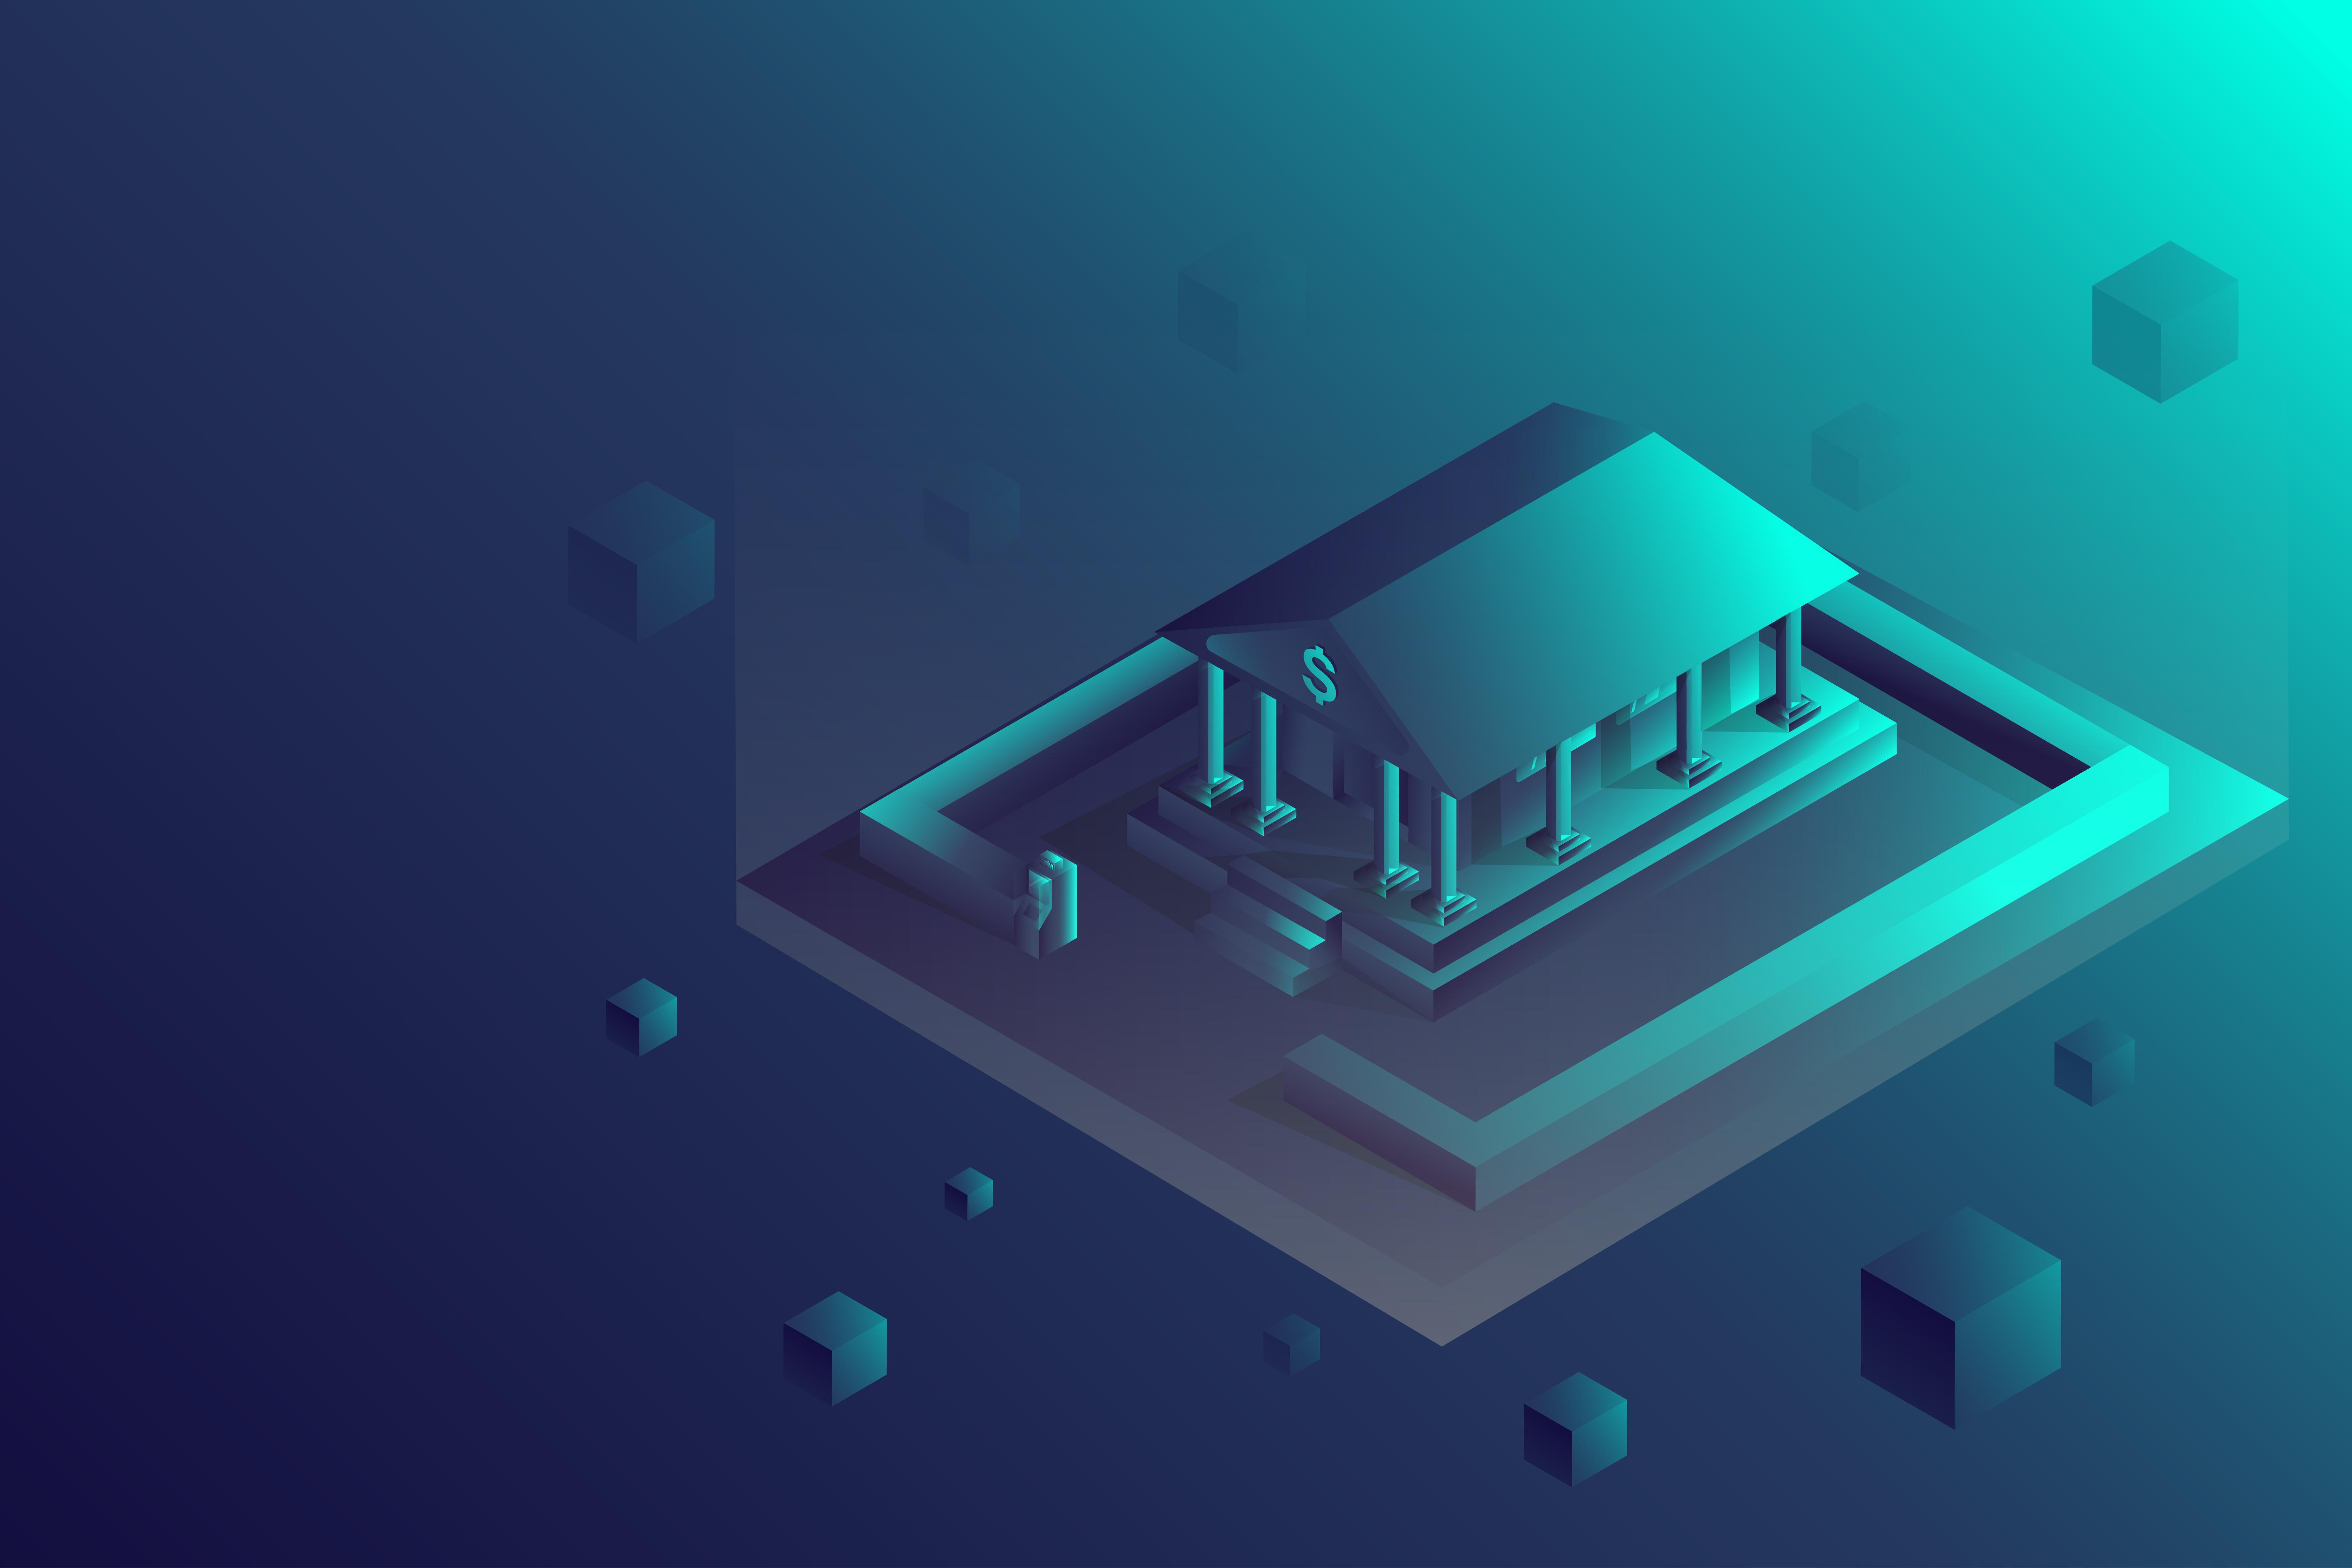 Banque Isometrique Concept D 39 Entreprise Et Financier De Batiment Banque 3d Futuriste Avec Boite Isolee Sur Fond